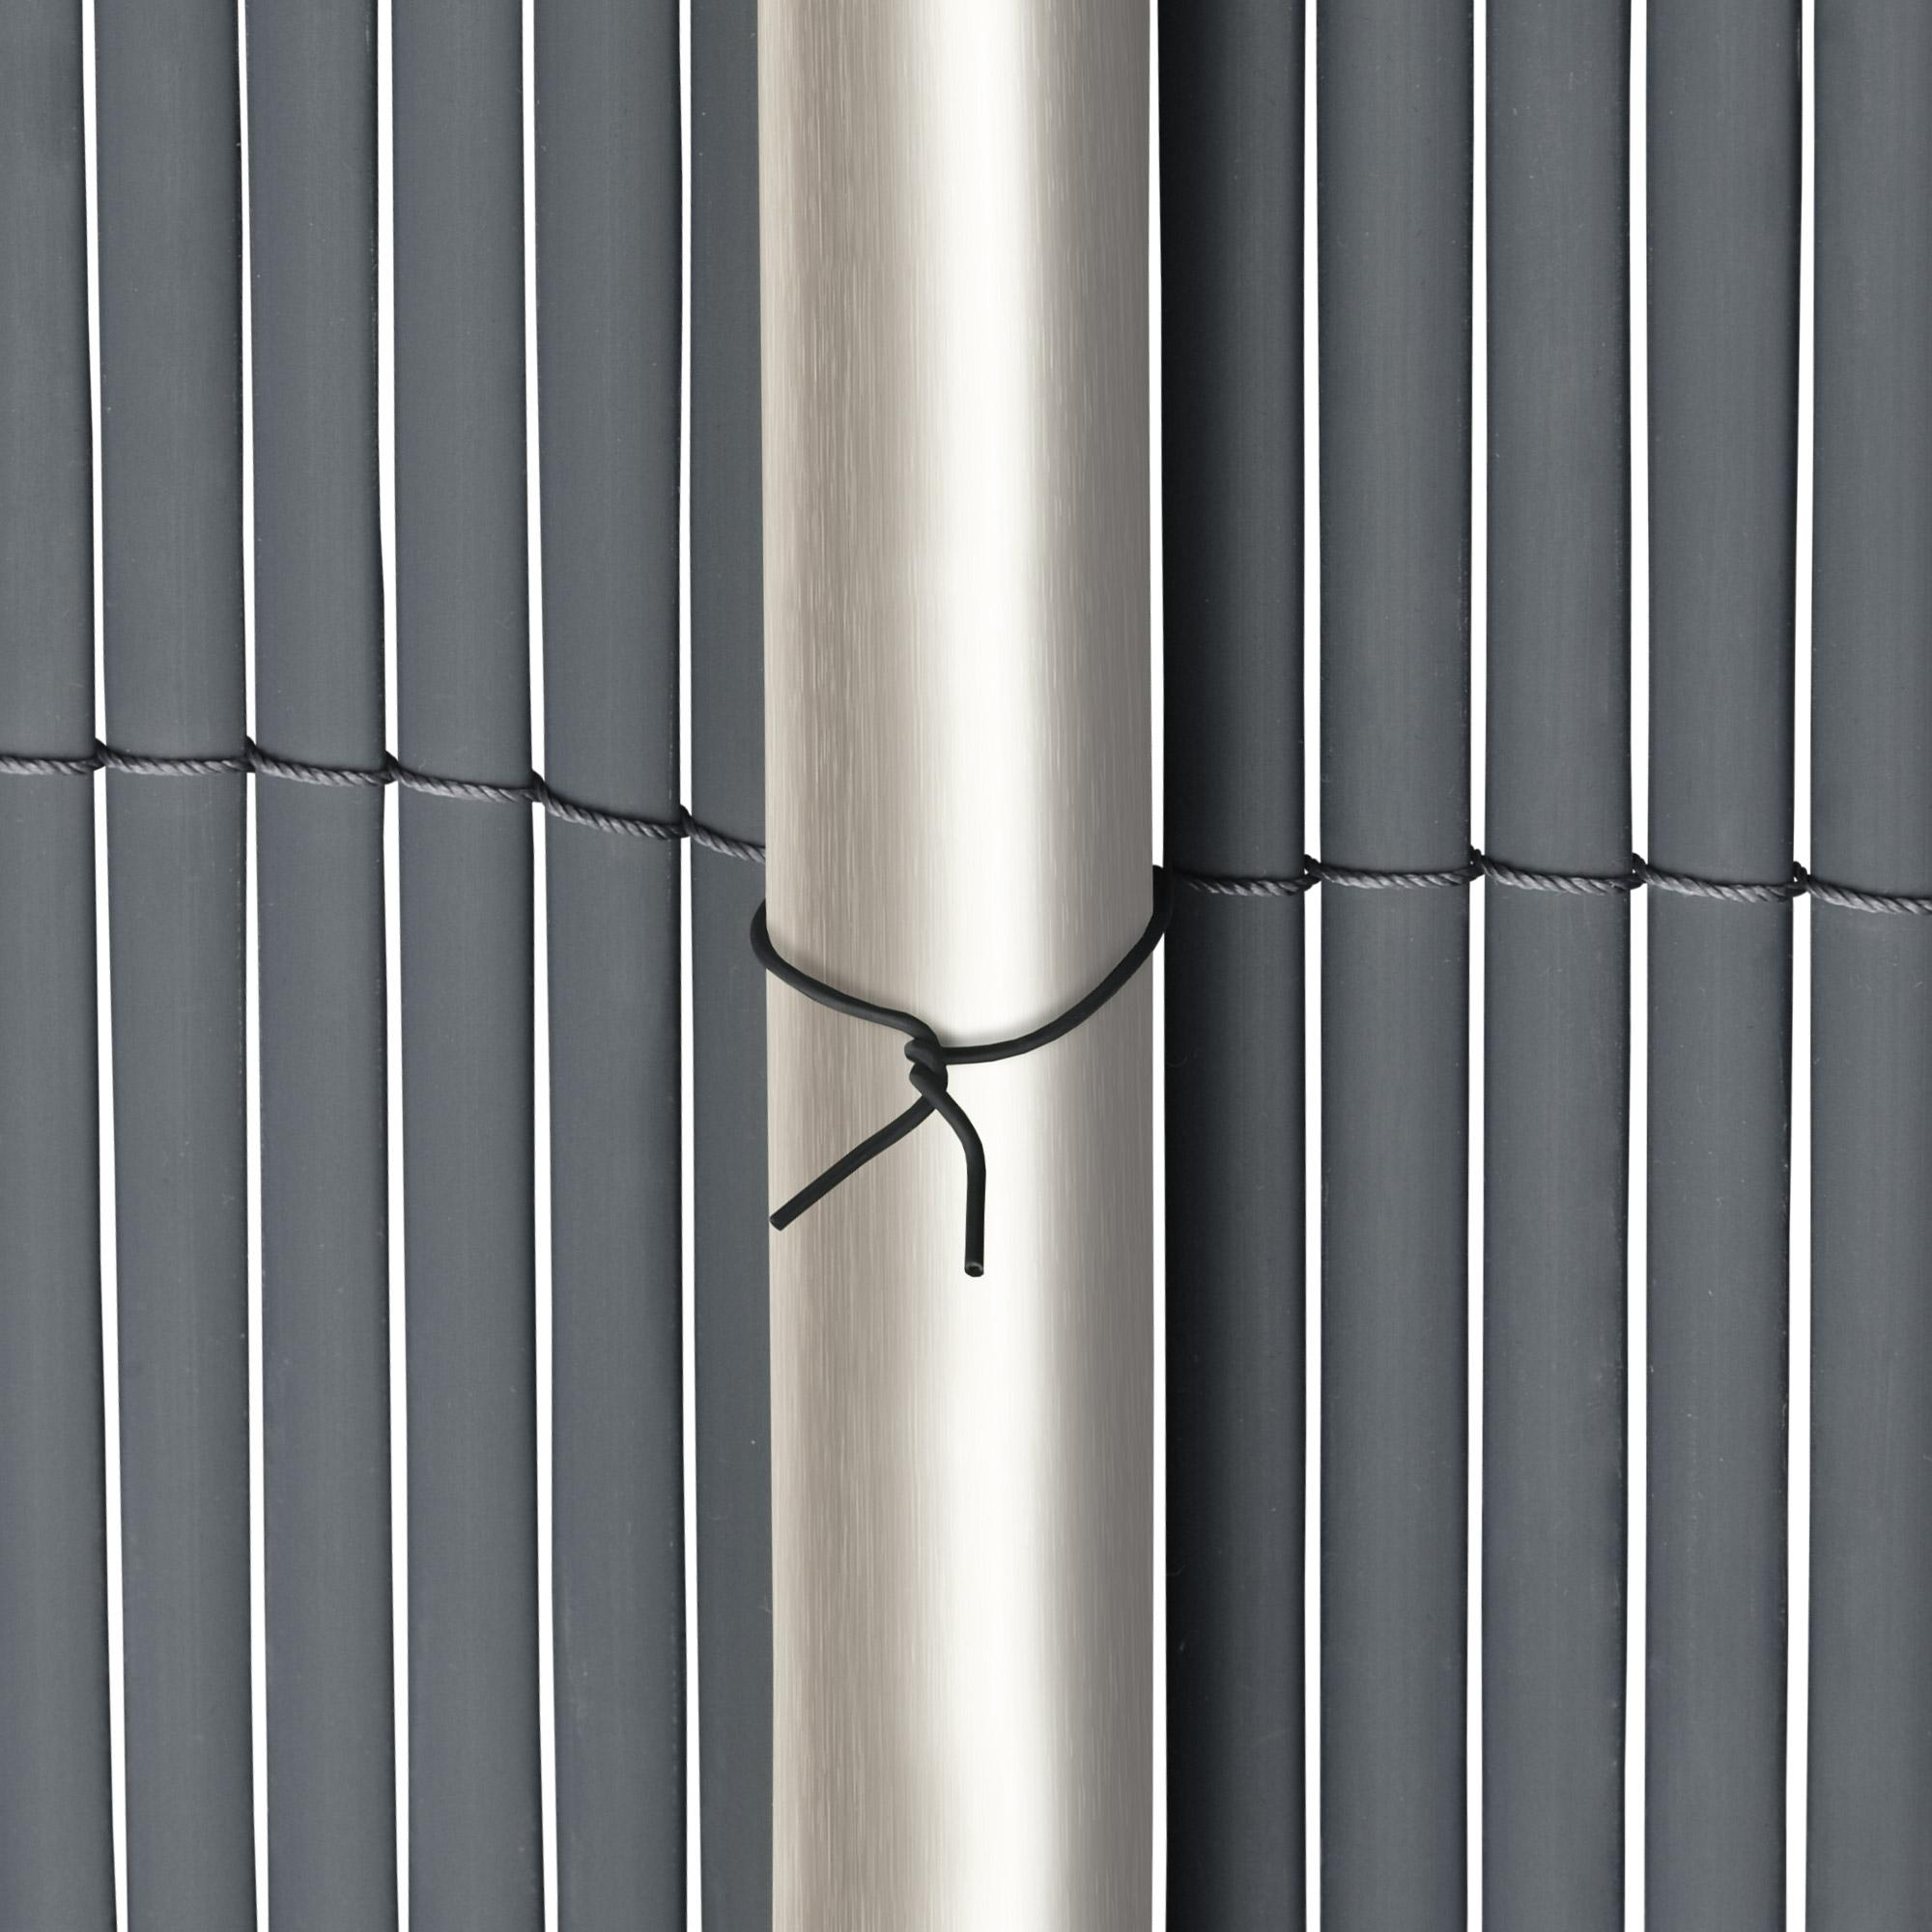 Gartenmobel Zubehor Sichtschutz Pvc Sichtschutzmatte Balkon